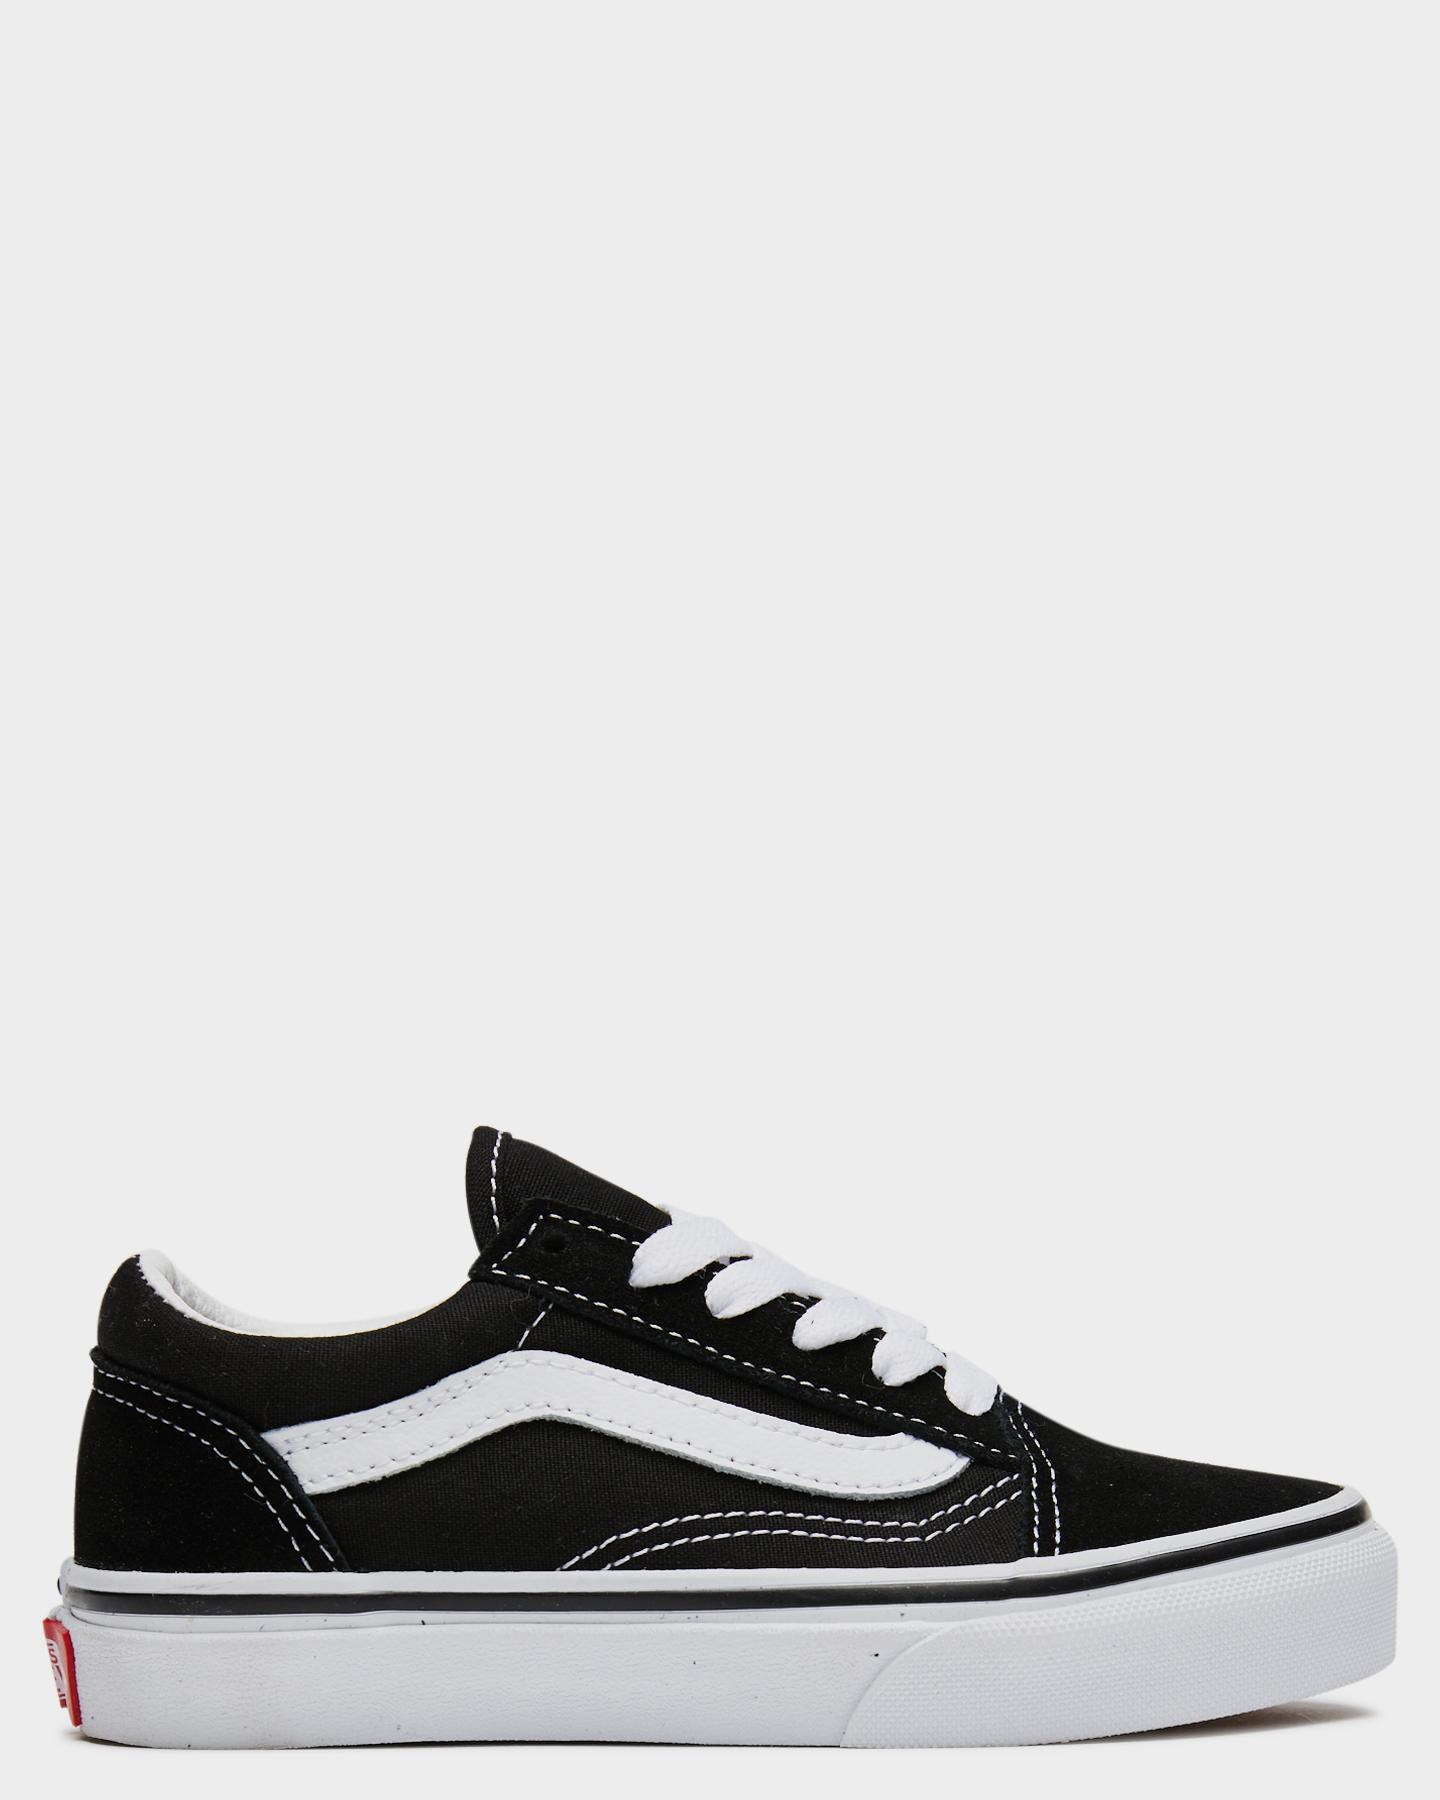 Vans Old Skool Shoe - Youth Black White